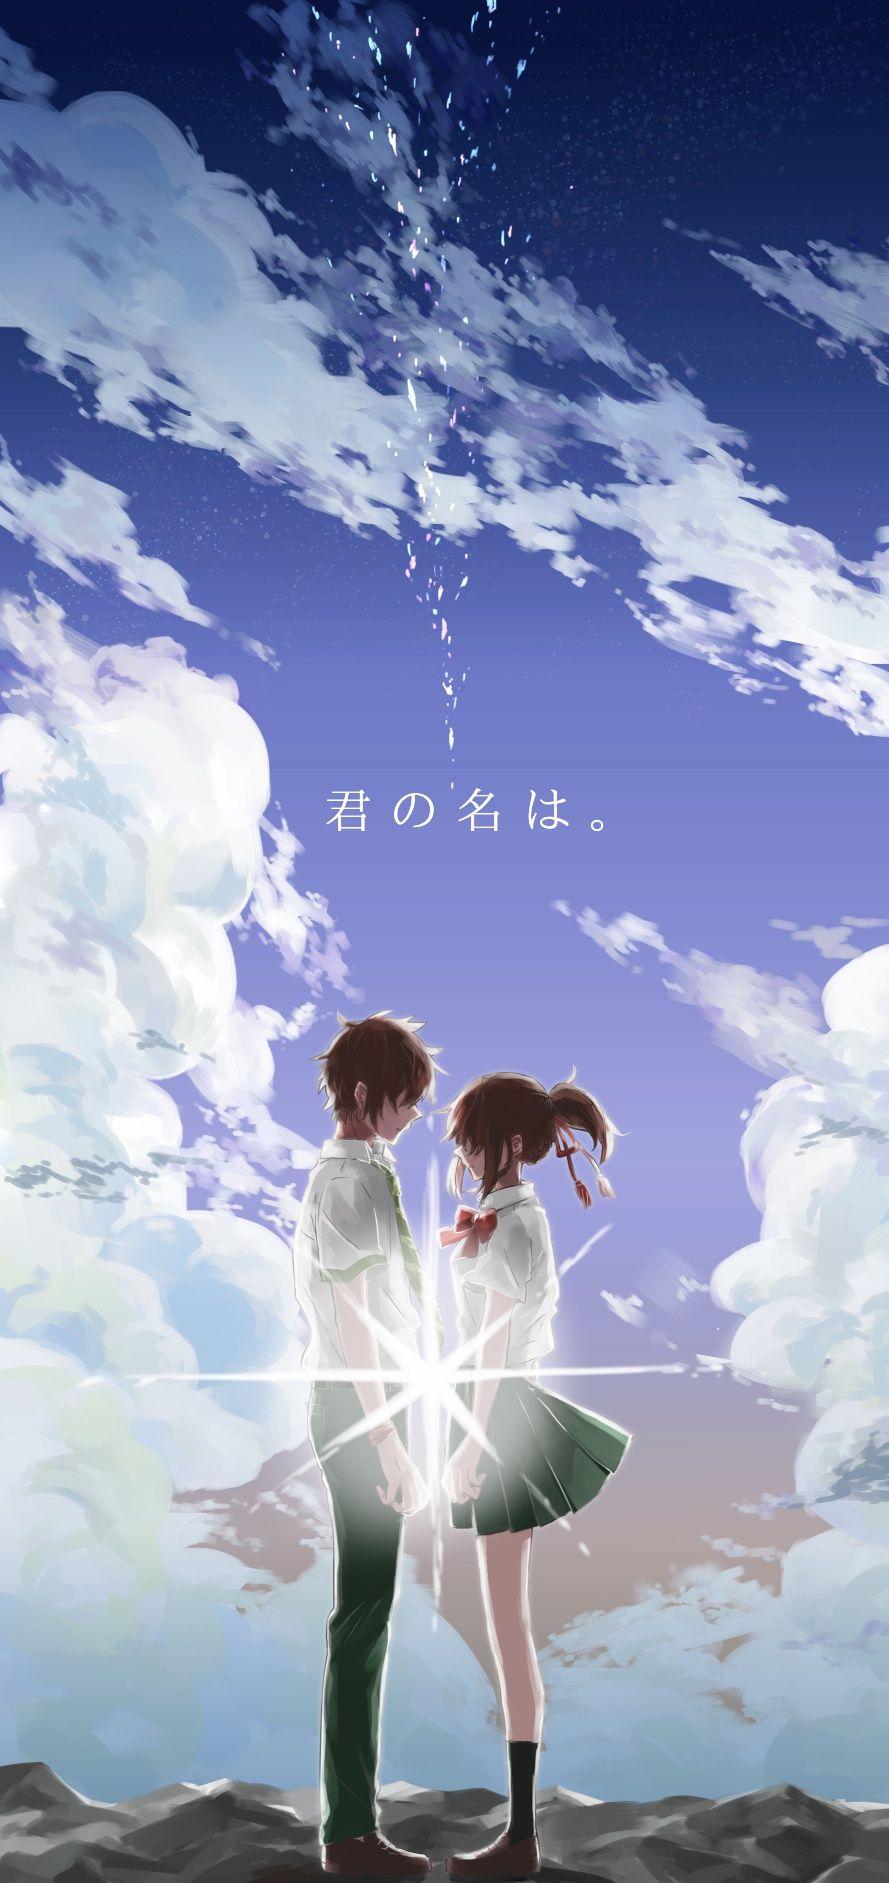 君とのあいだ Kimi no Na Wa 君の名は Pinterest Anime, Manga